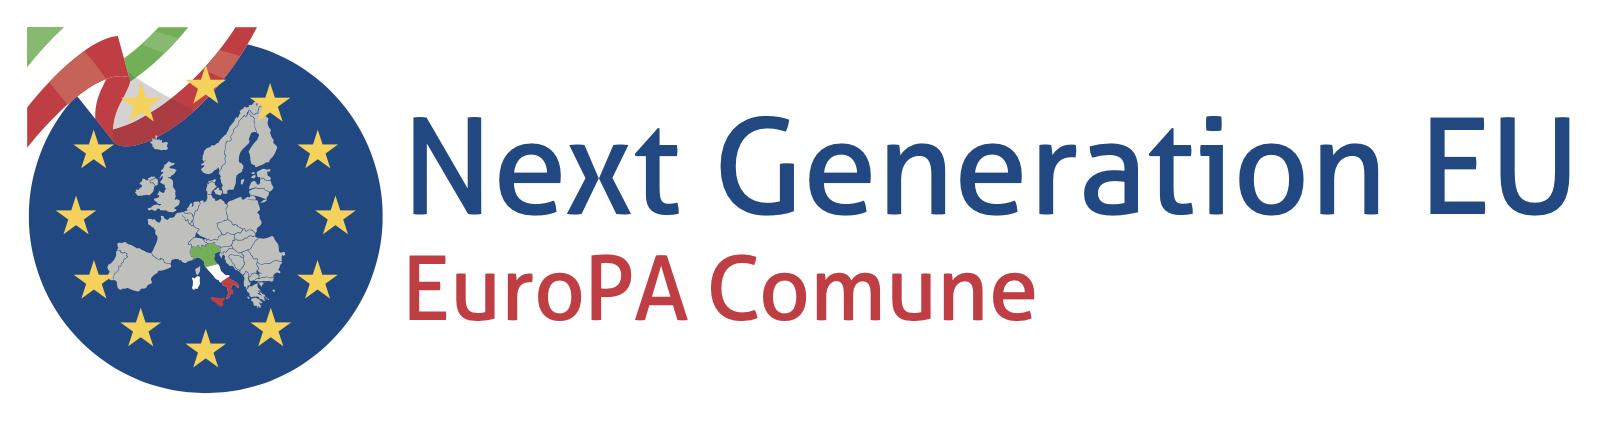 Next Generation Eu – EuroPA Comune